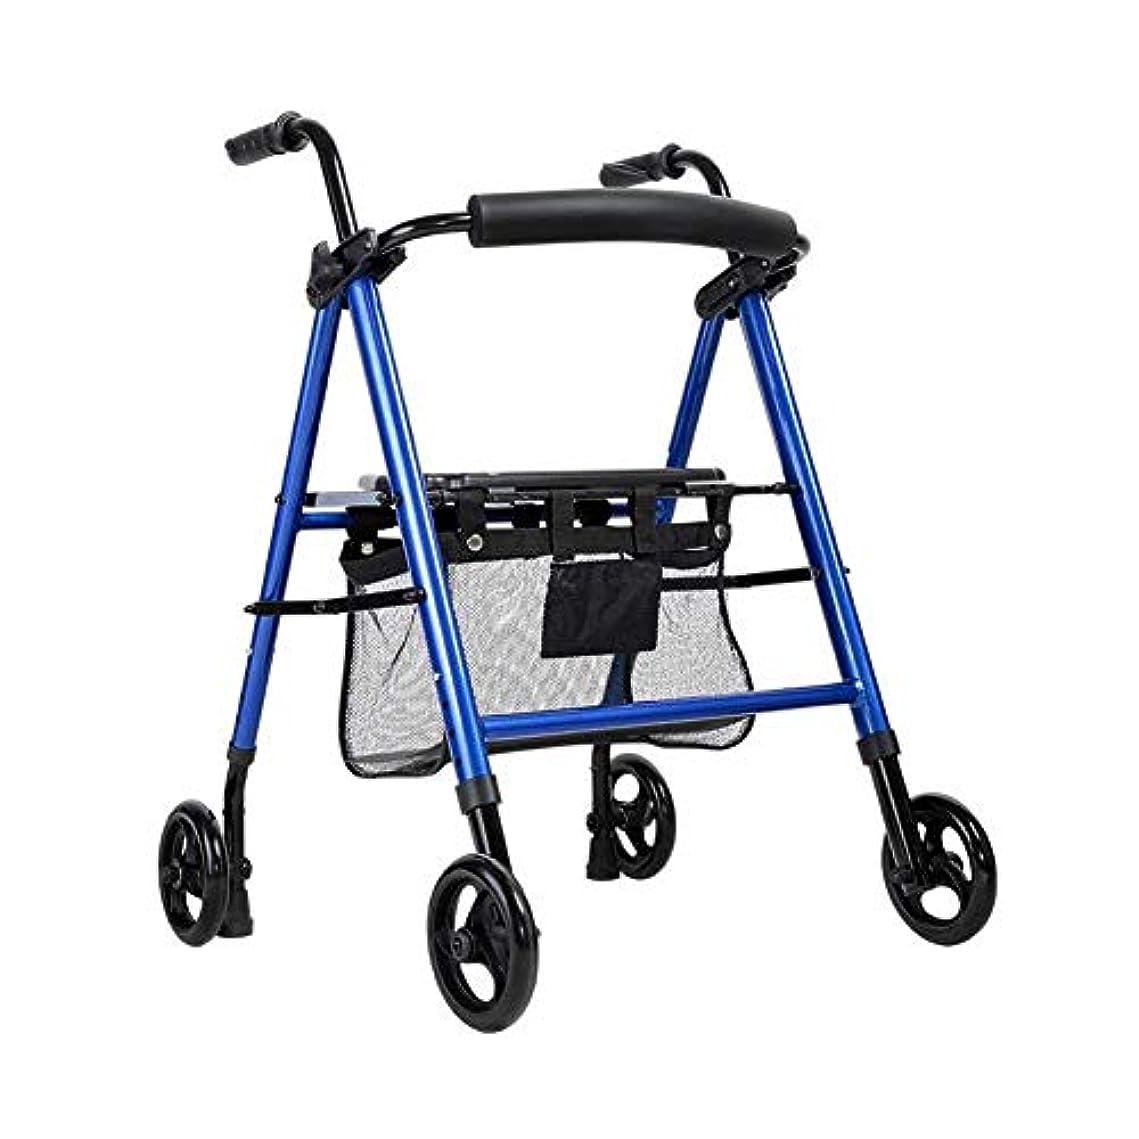 ハードウェア言語開始軽量アルミニウム歩行トロリー、高齢者用の調節可能なシートエイド付き4輪ローラー